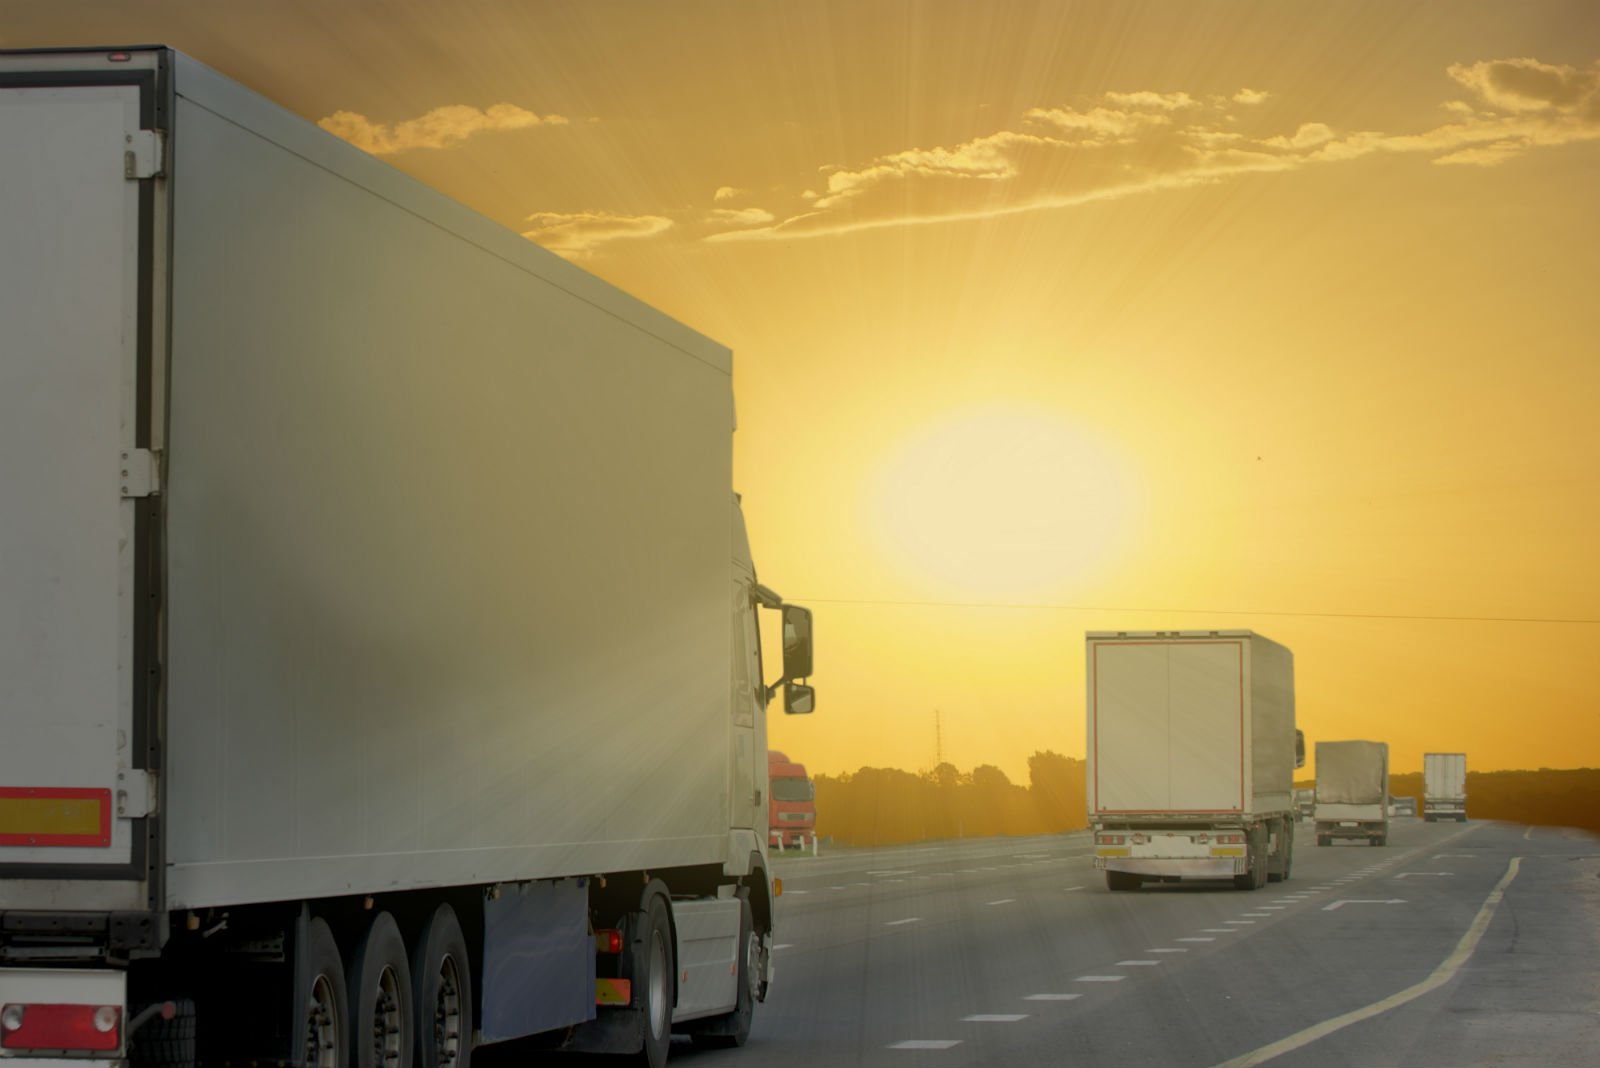 camion per Traslochi Internazionali